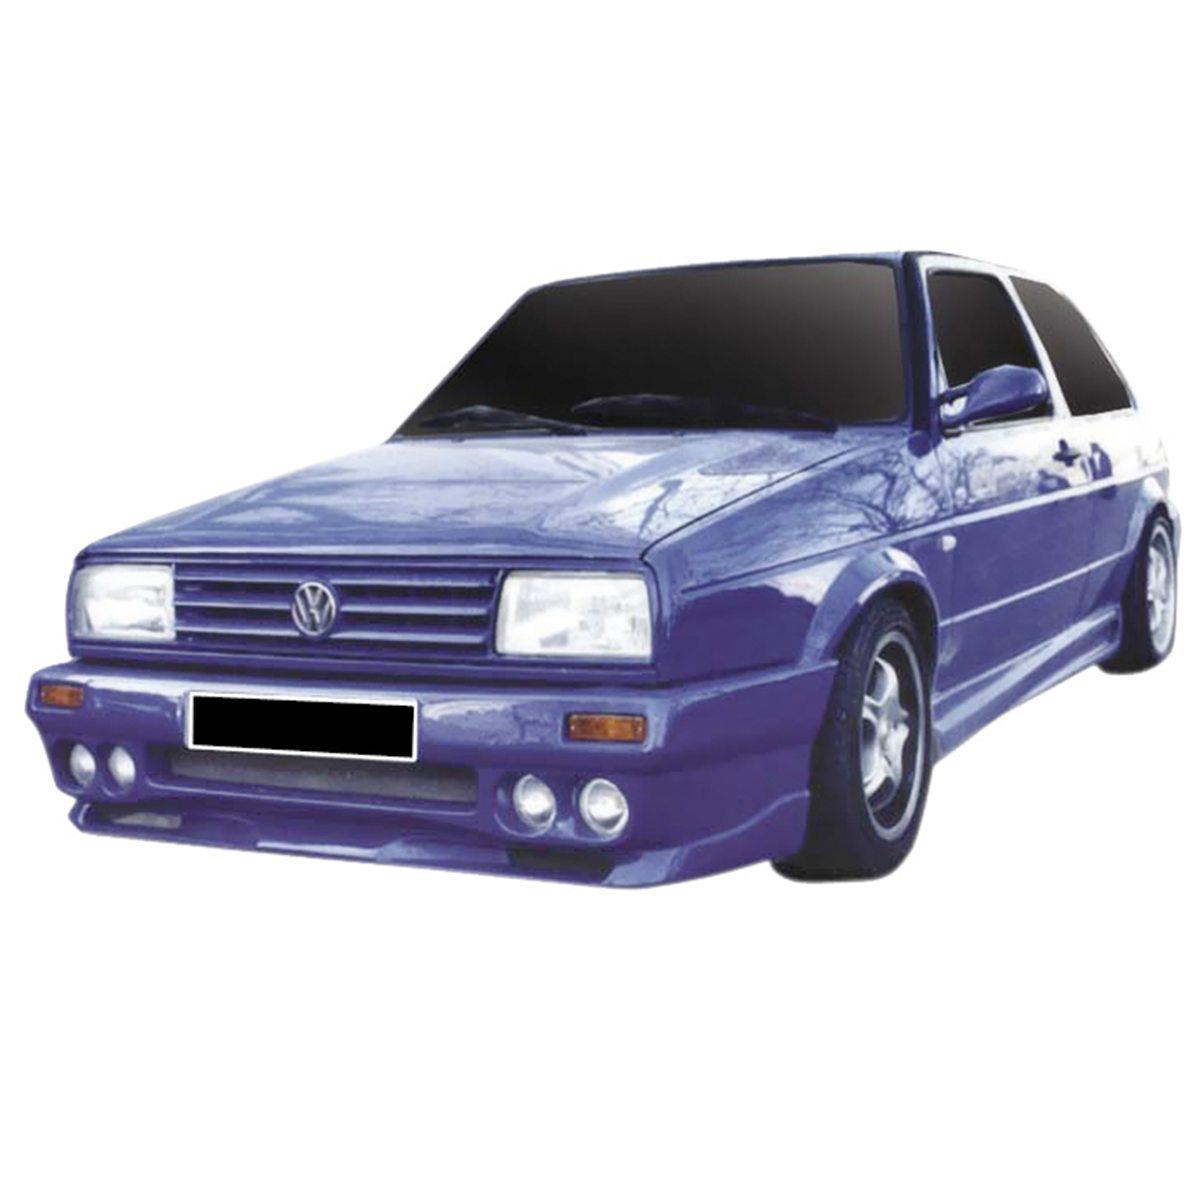 VW-Golf-II-Killer-Frt-PCC035